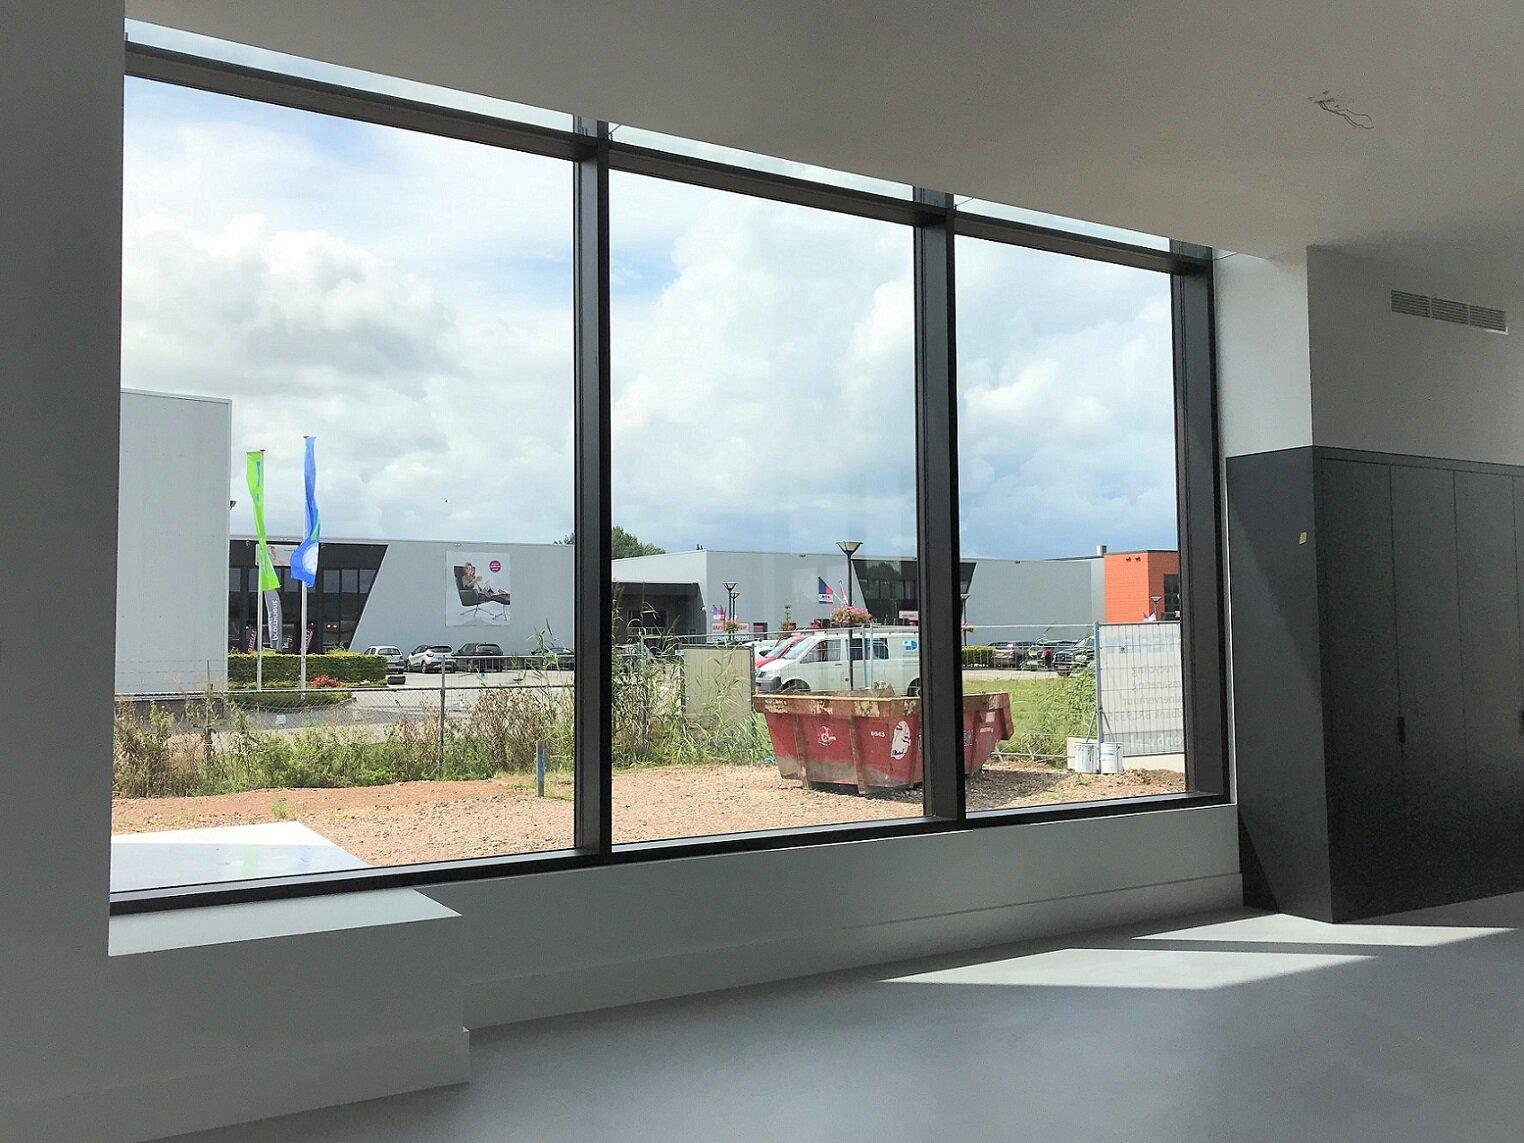 annemarieke_van_dooren_architect_modern_kantoorgebouw_uitvoering_7.jpg